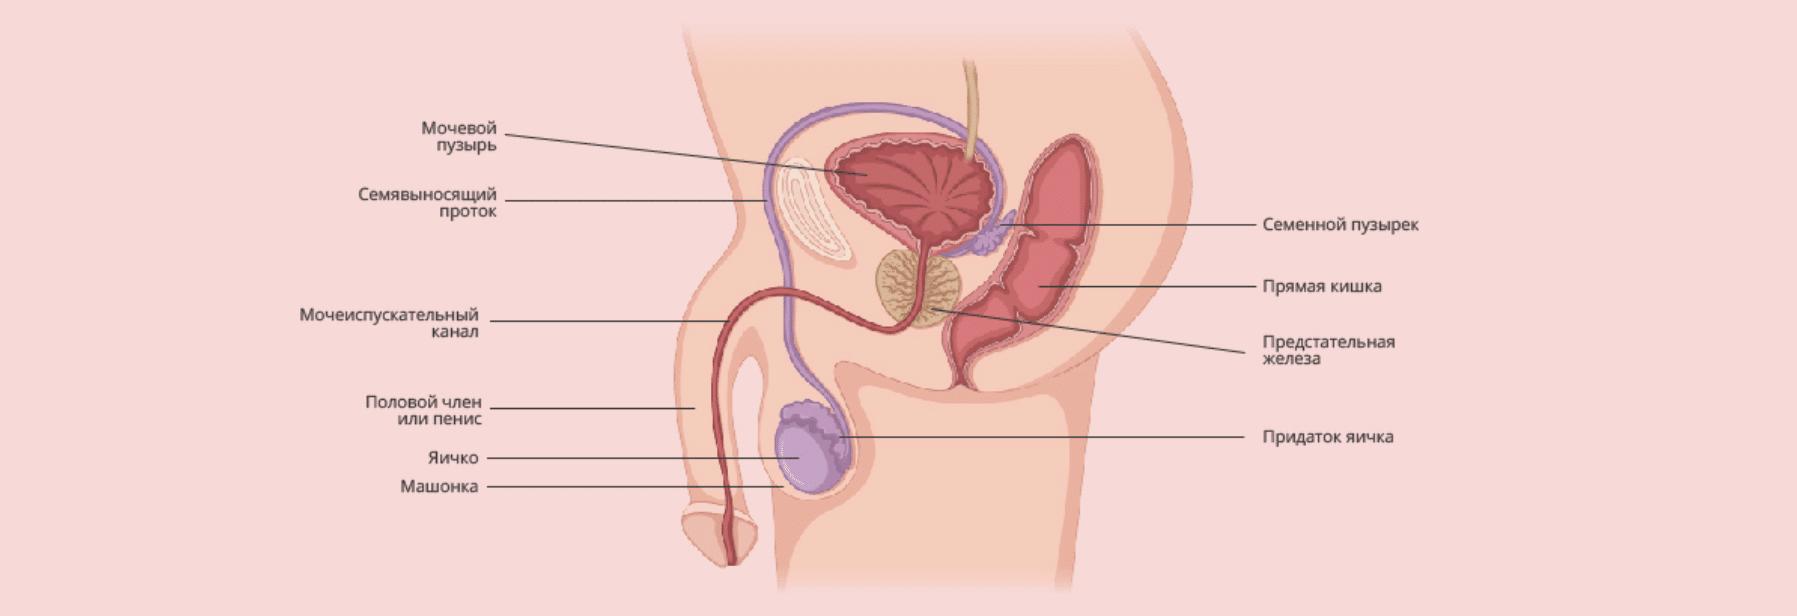 Сперма и как она образуется